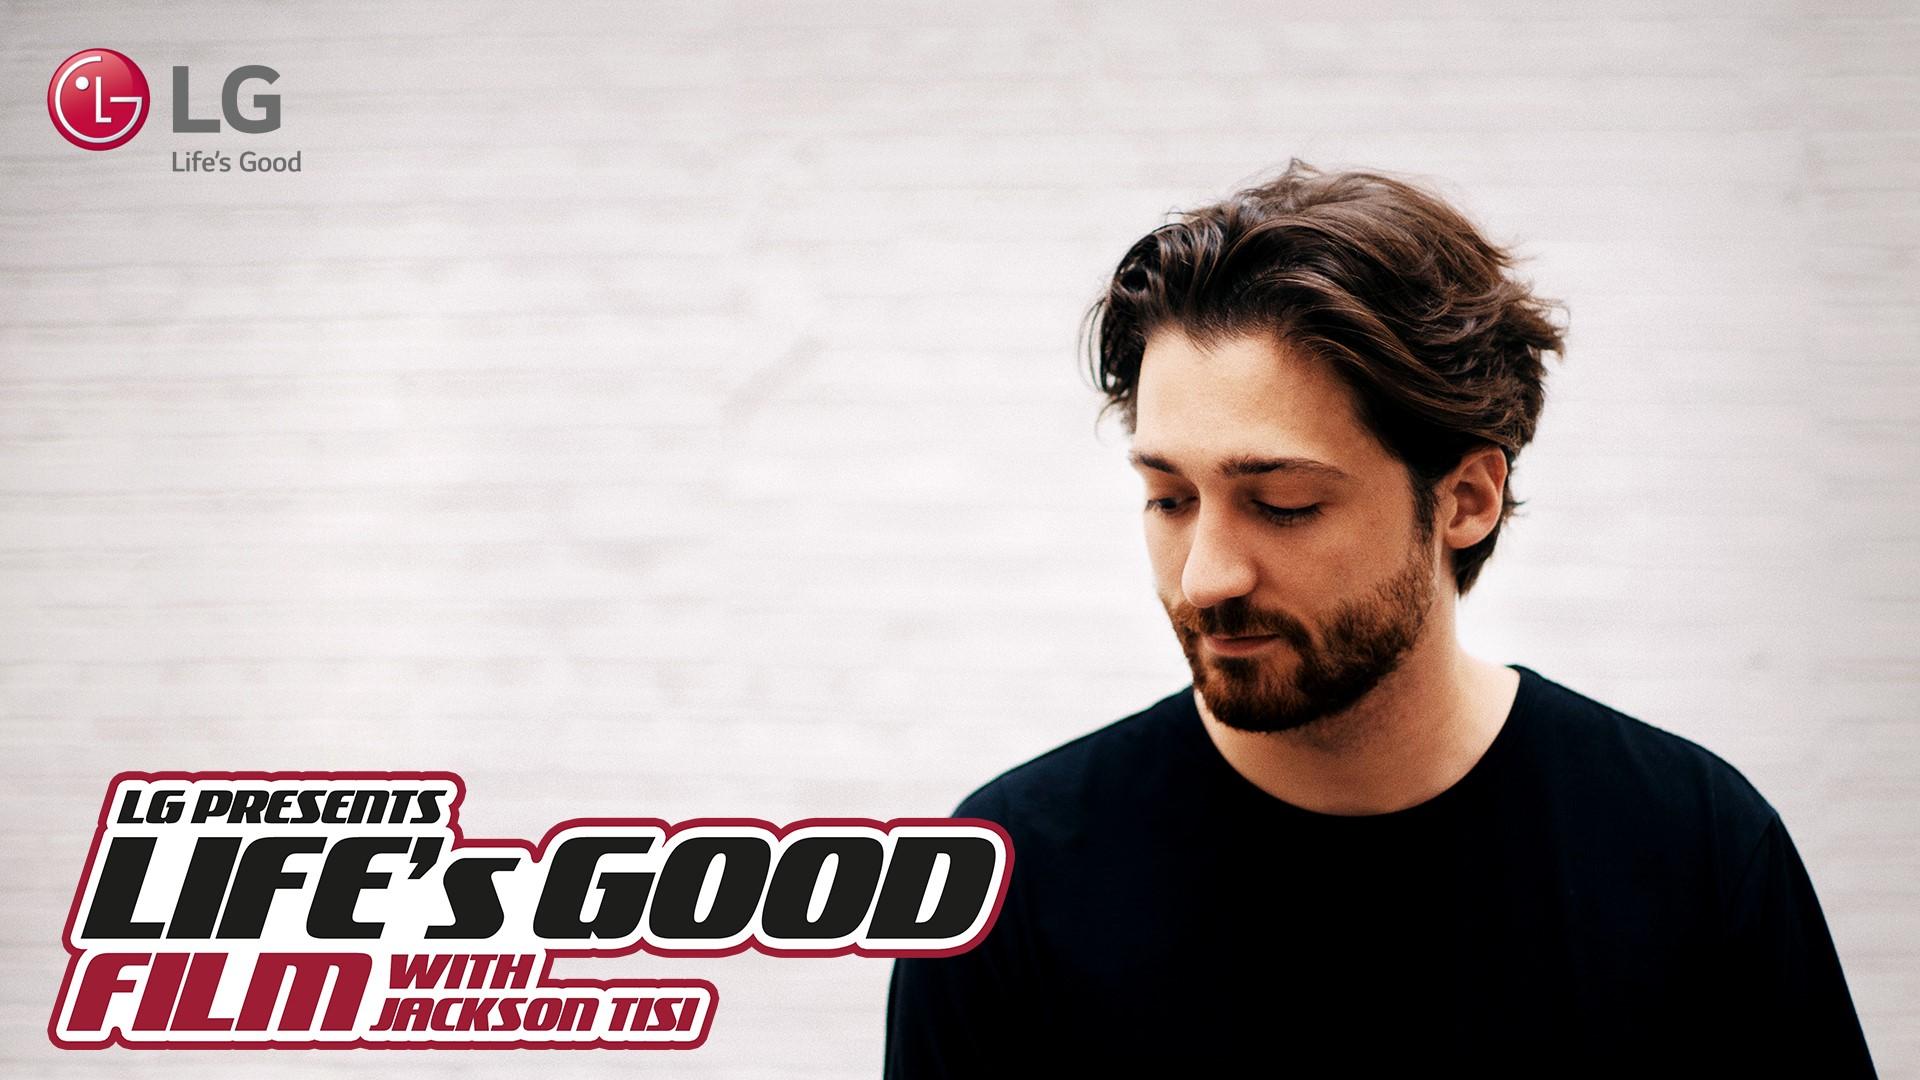 LG: Life's Good Film With Jackson Tisi